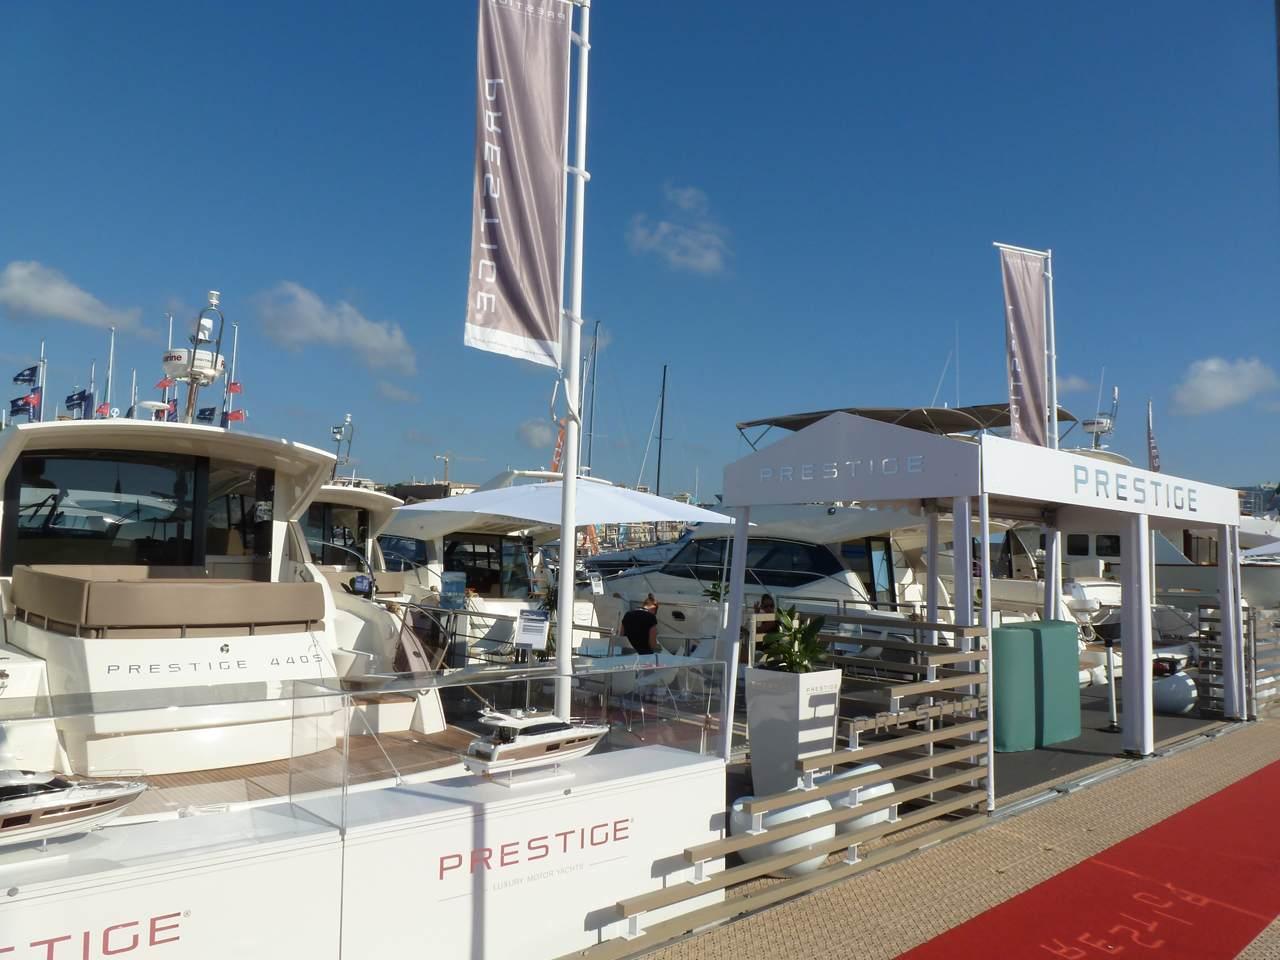 Prestige in Festival de la Plaisance in Cannes 3